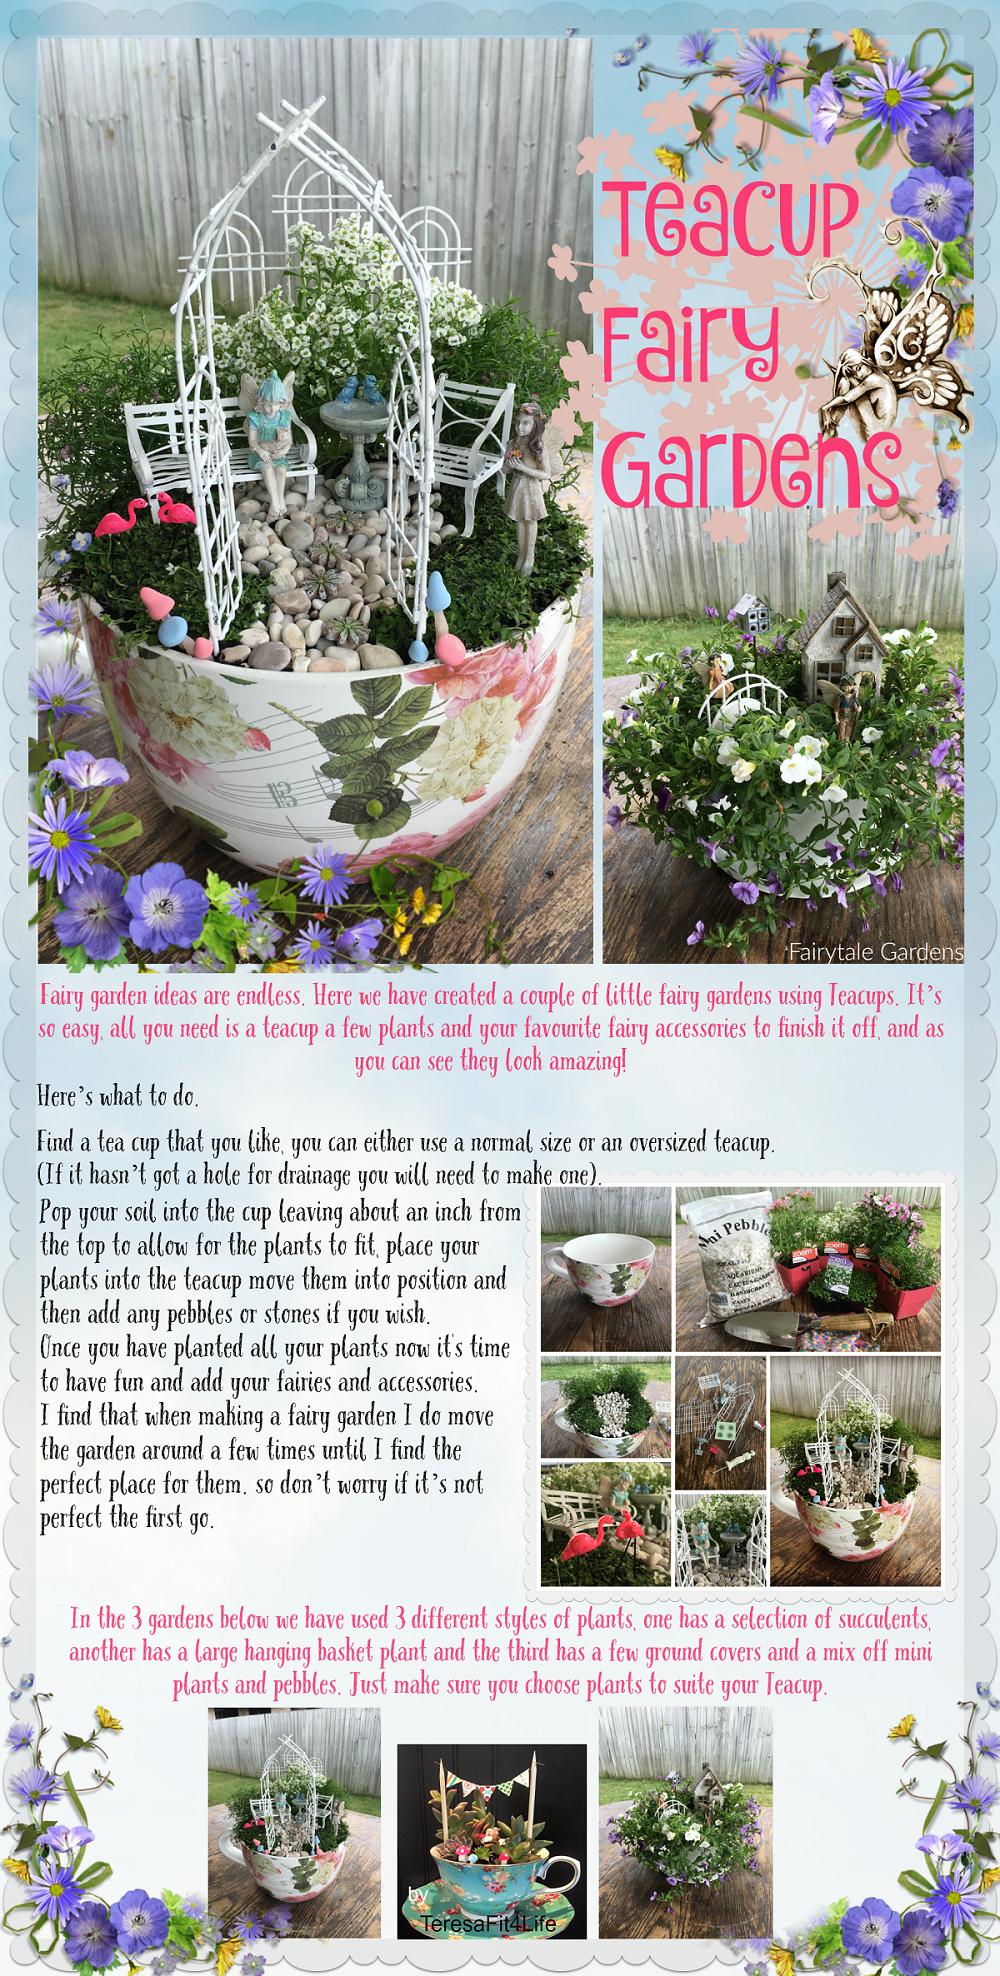 Teacup Fairy Gardens | 25+ Fabulous Fairy Garden